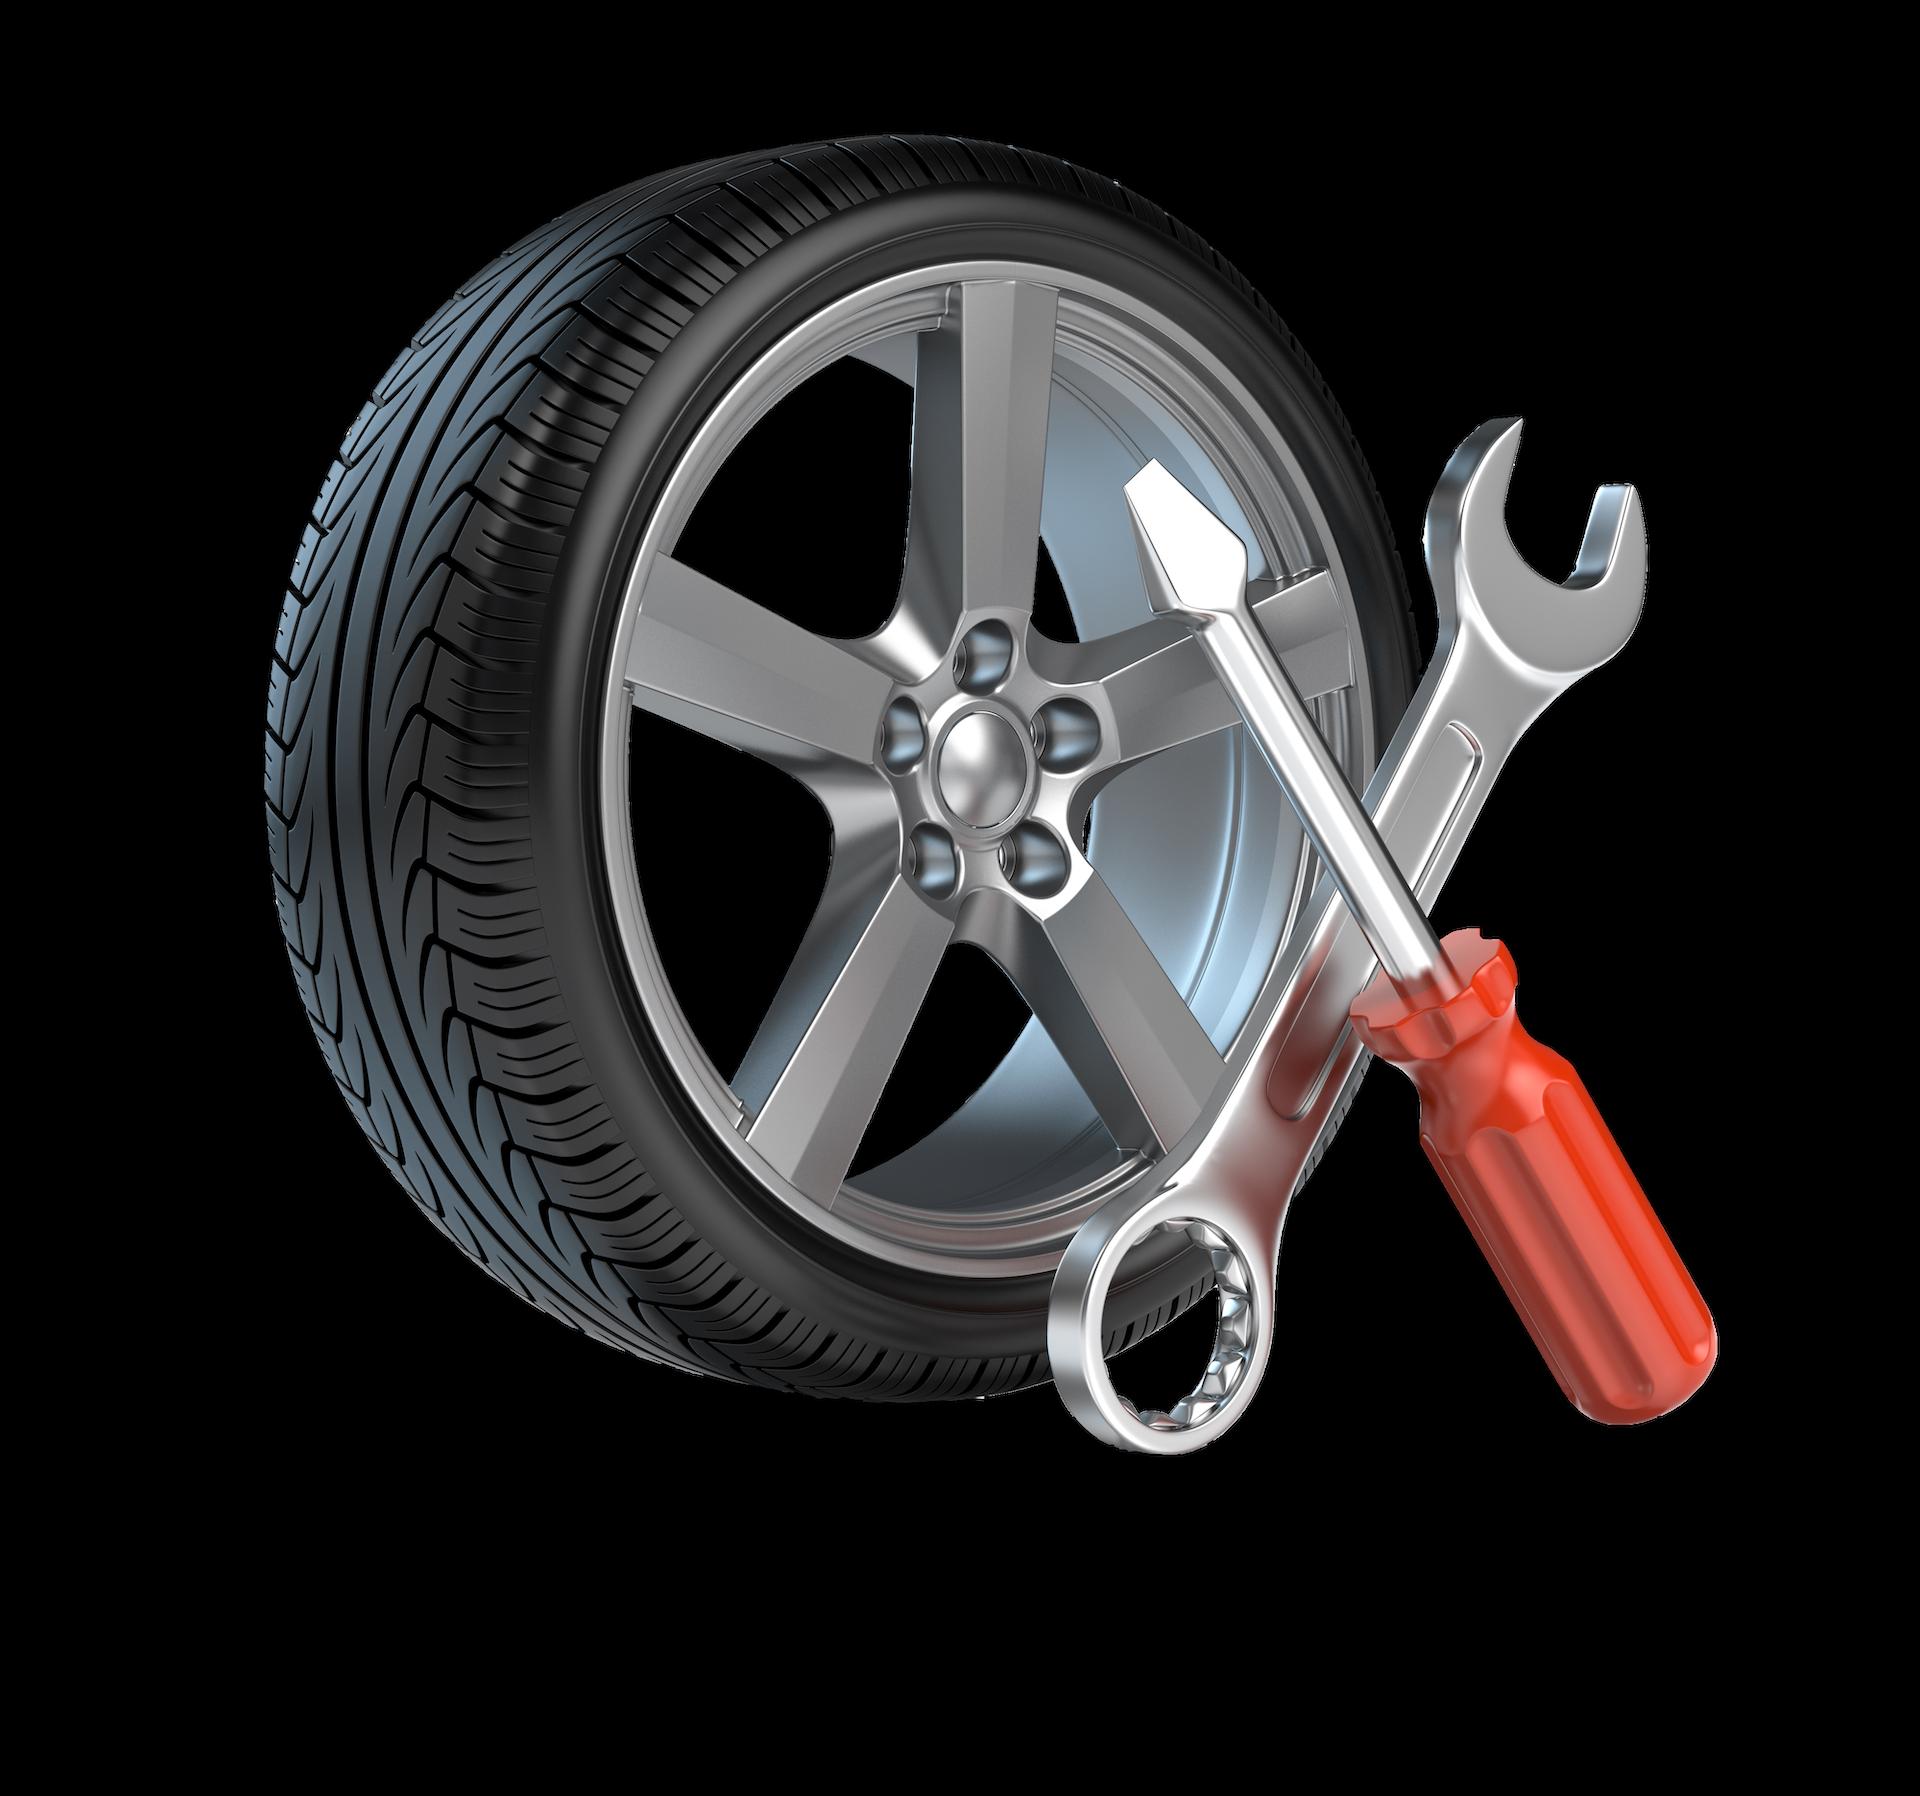 Prodej, montáž, opravy pneu Autoservis Jiří Dušek, Bačetín